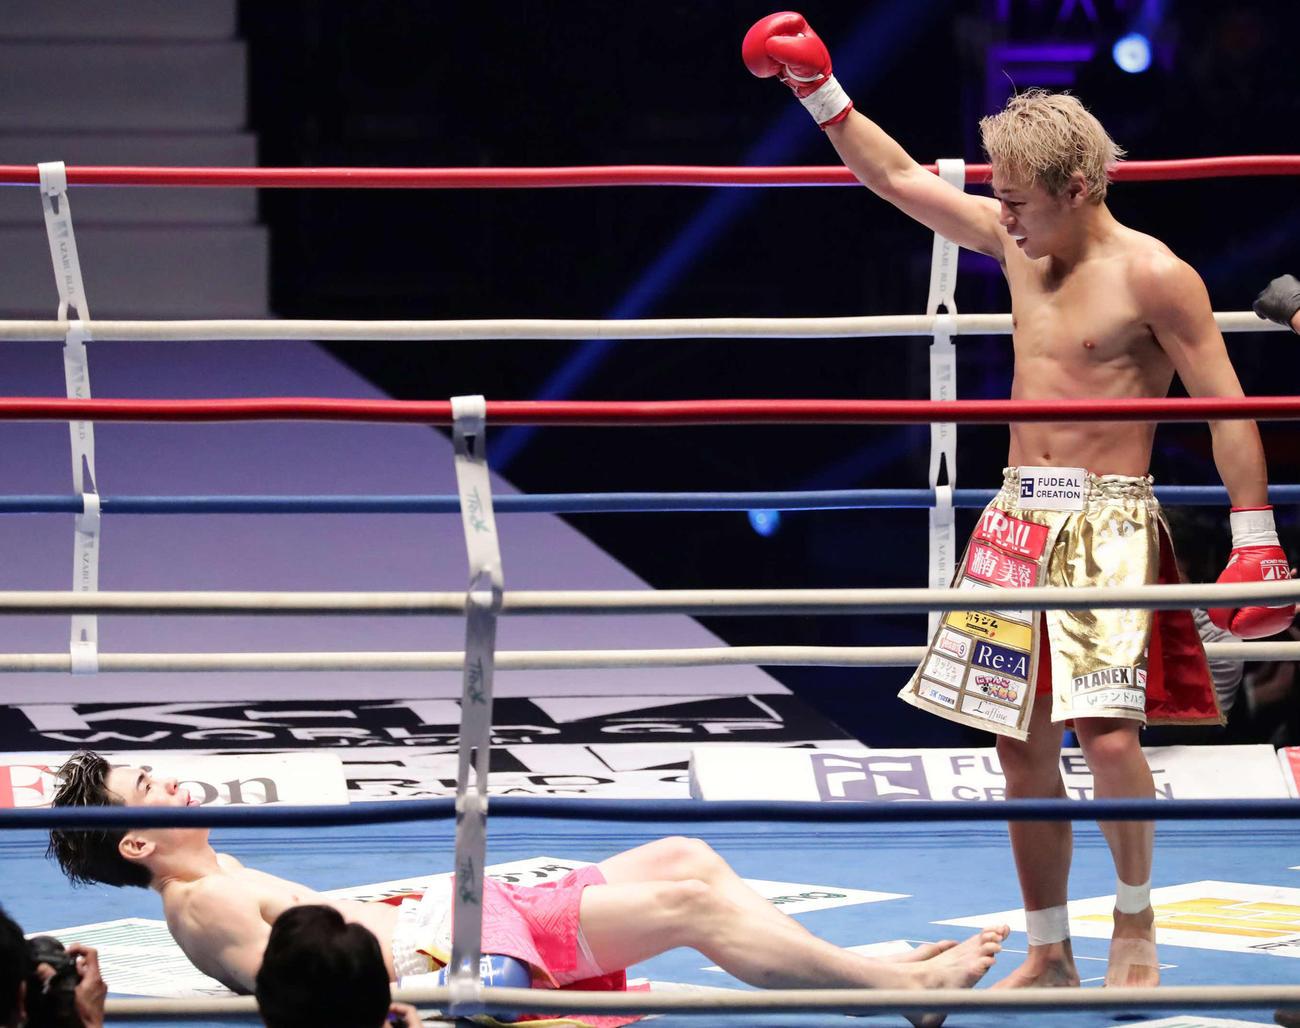 スーパーフェザー級タイトル戦 武尊対レオナ・ペタス 1回、ダウンを奪う武尊(右)(撮影・丹羽敏通)